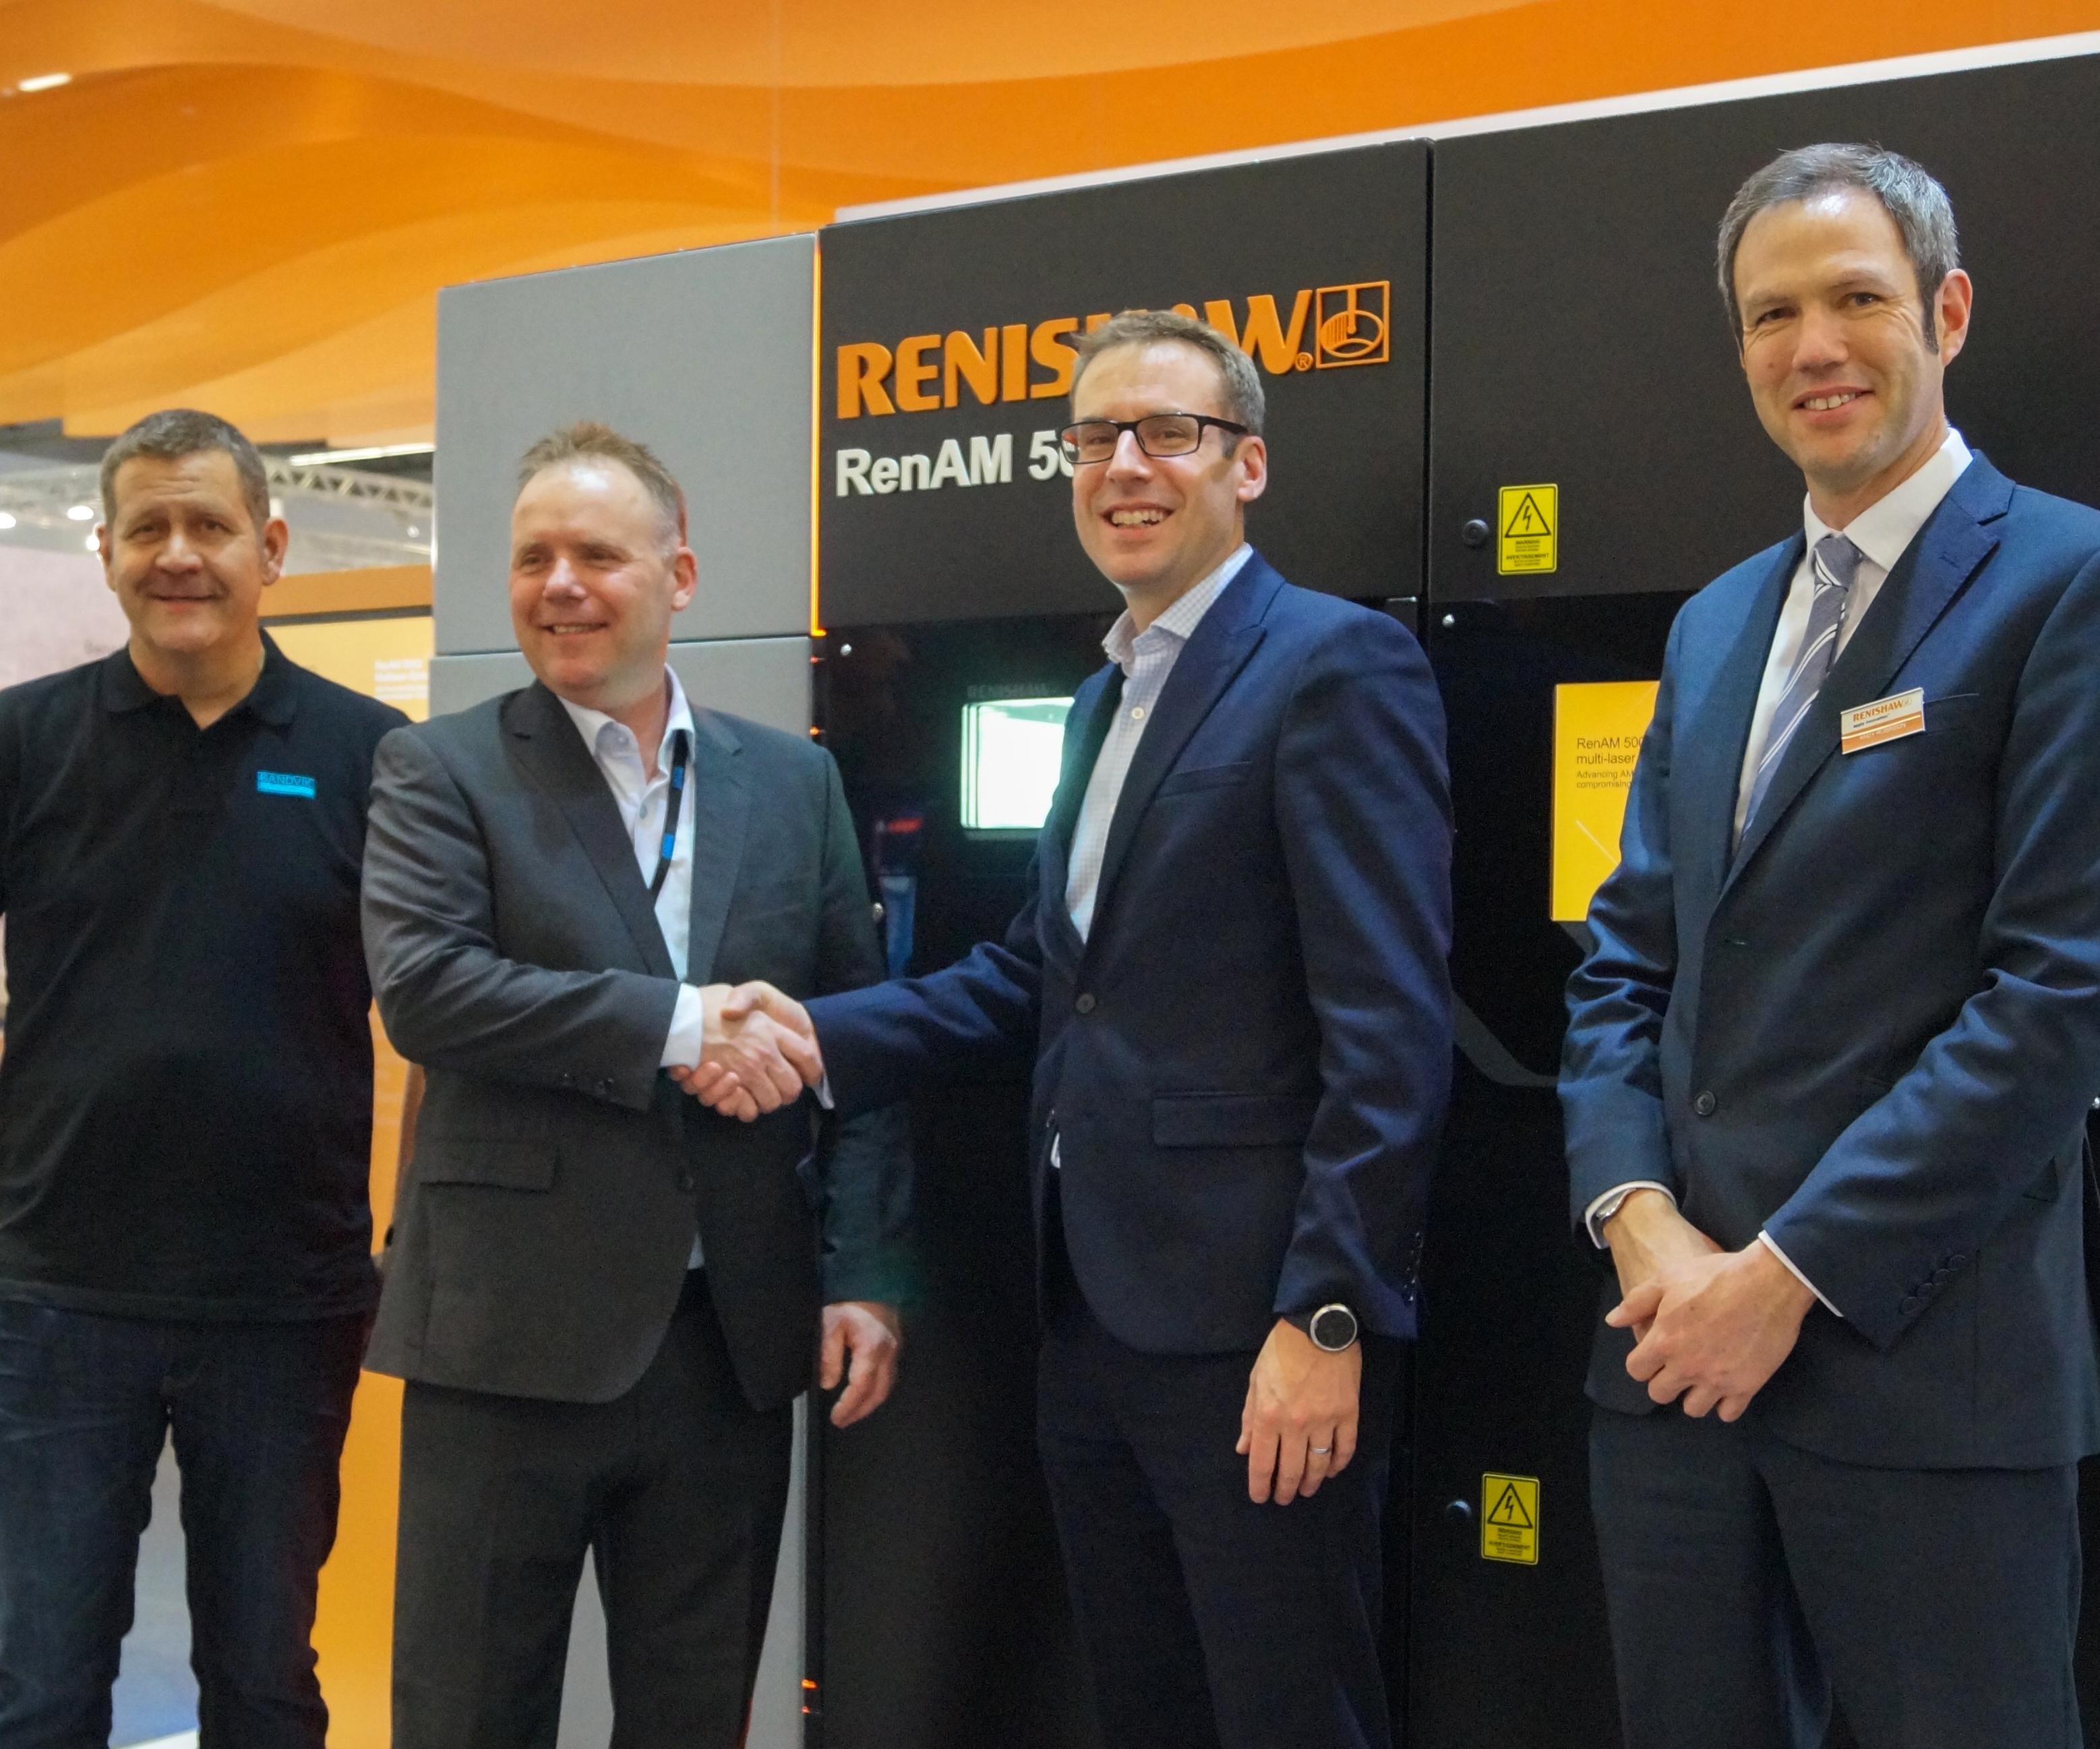 Sandviktrabaja con los sistemas de manufactura aditiva de Renishaw desde 2018 en su Centro de fabricación aditiva en Sandviken, Suecia.